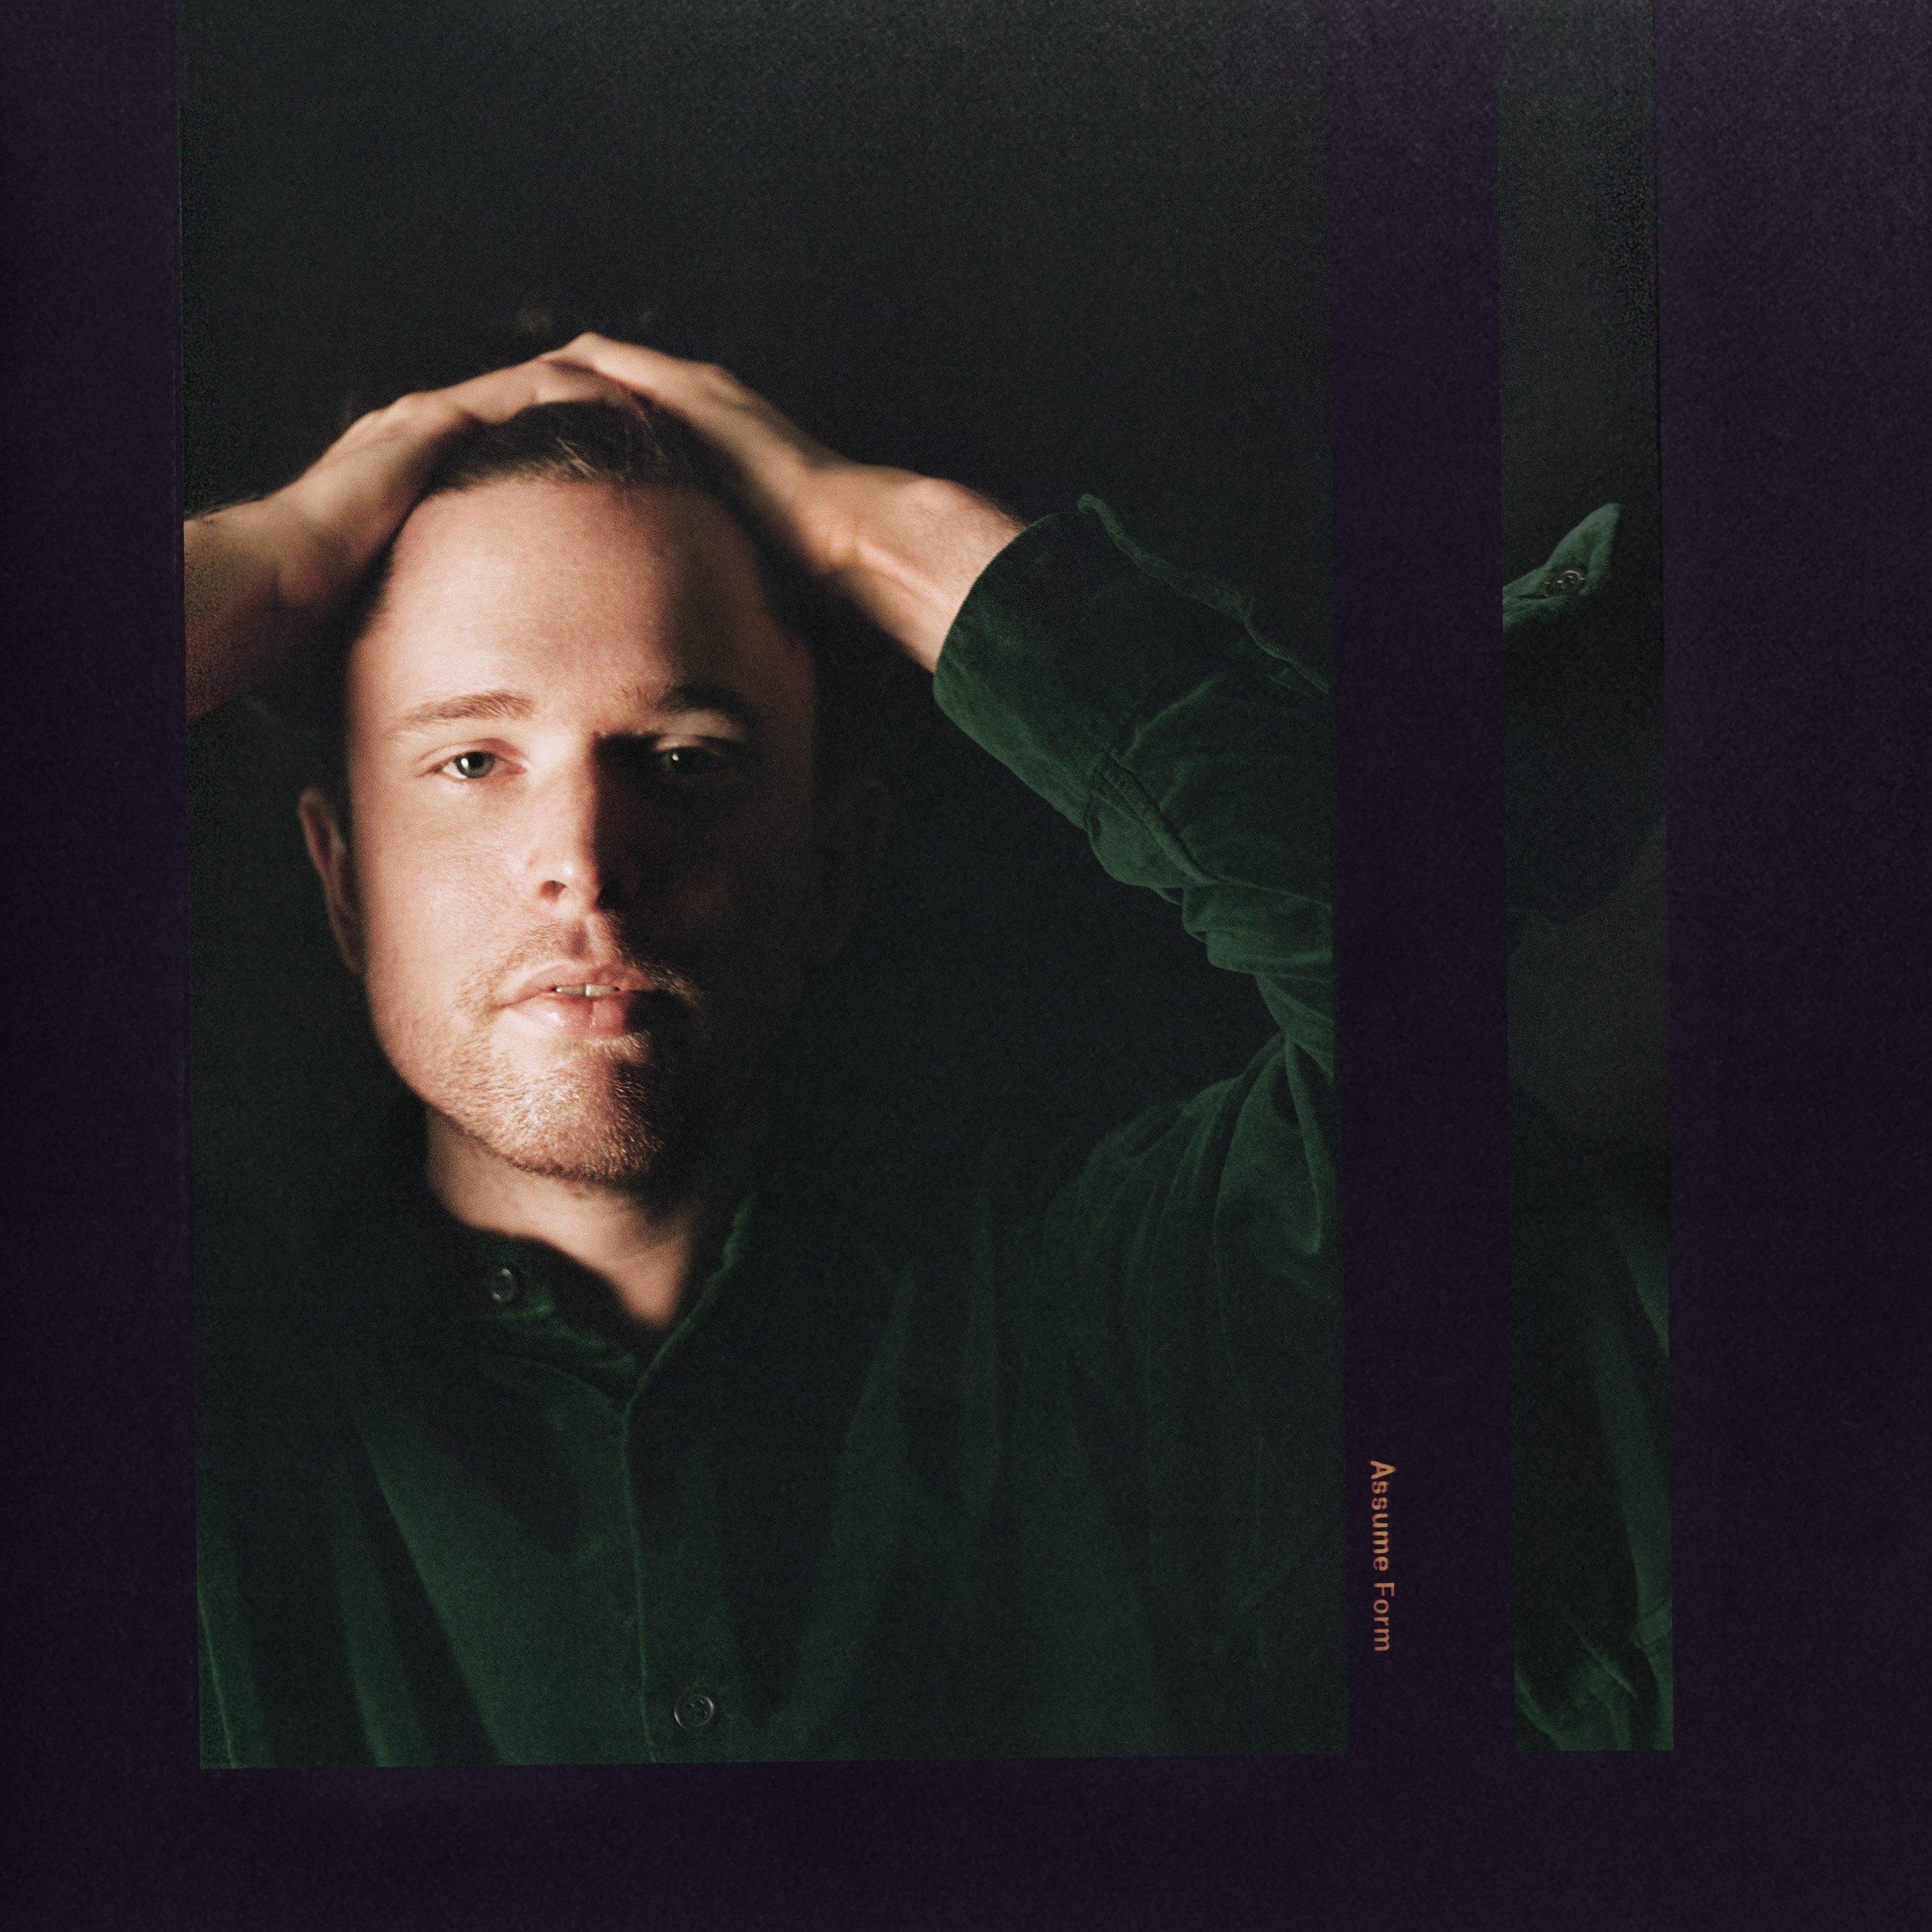 James-Blake-Assume-Form-JPG.jpg